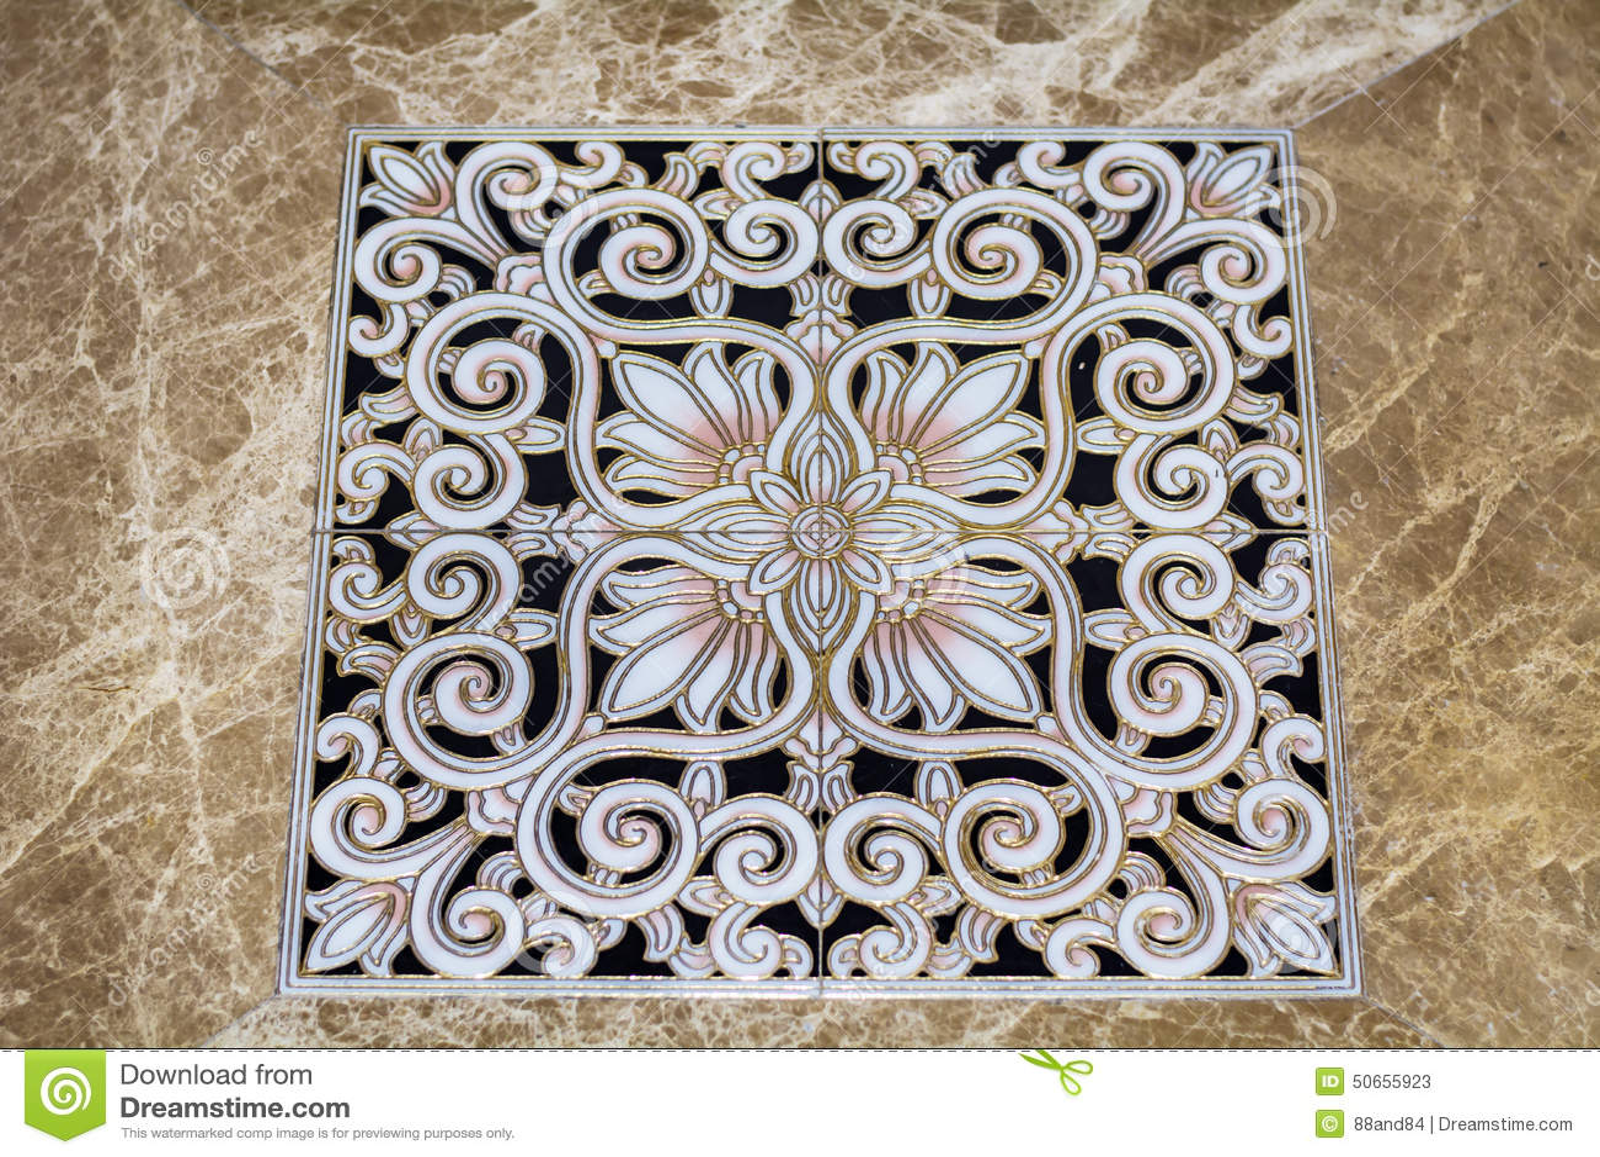 Mattonelle Di Pavimento Arabe Antiche Immagine Stock  Immagine di brown particolari 50655923